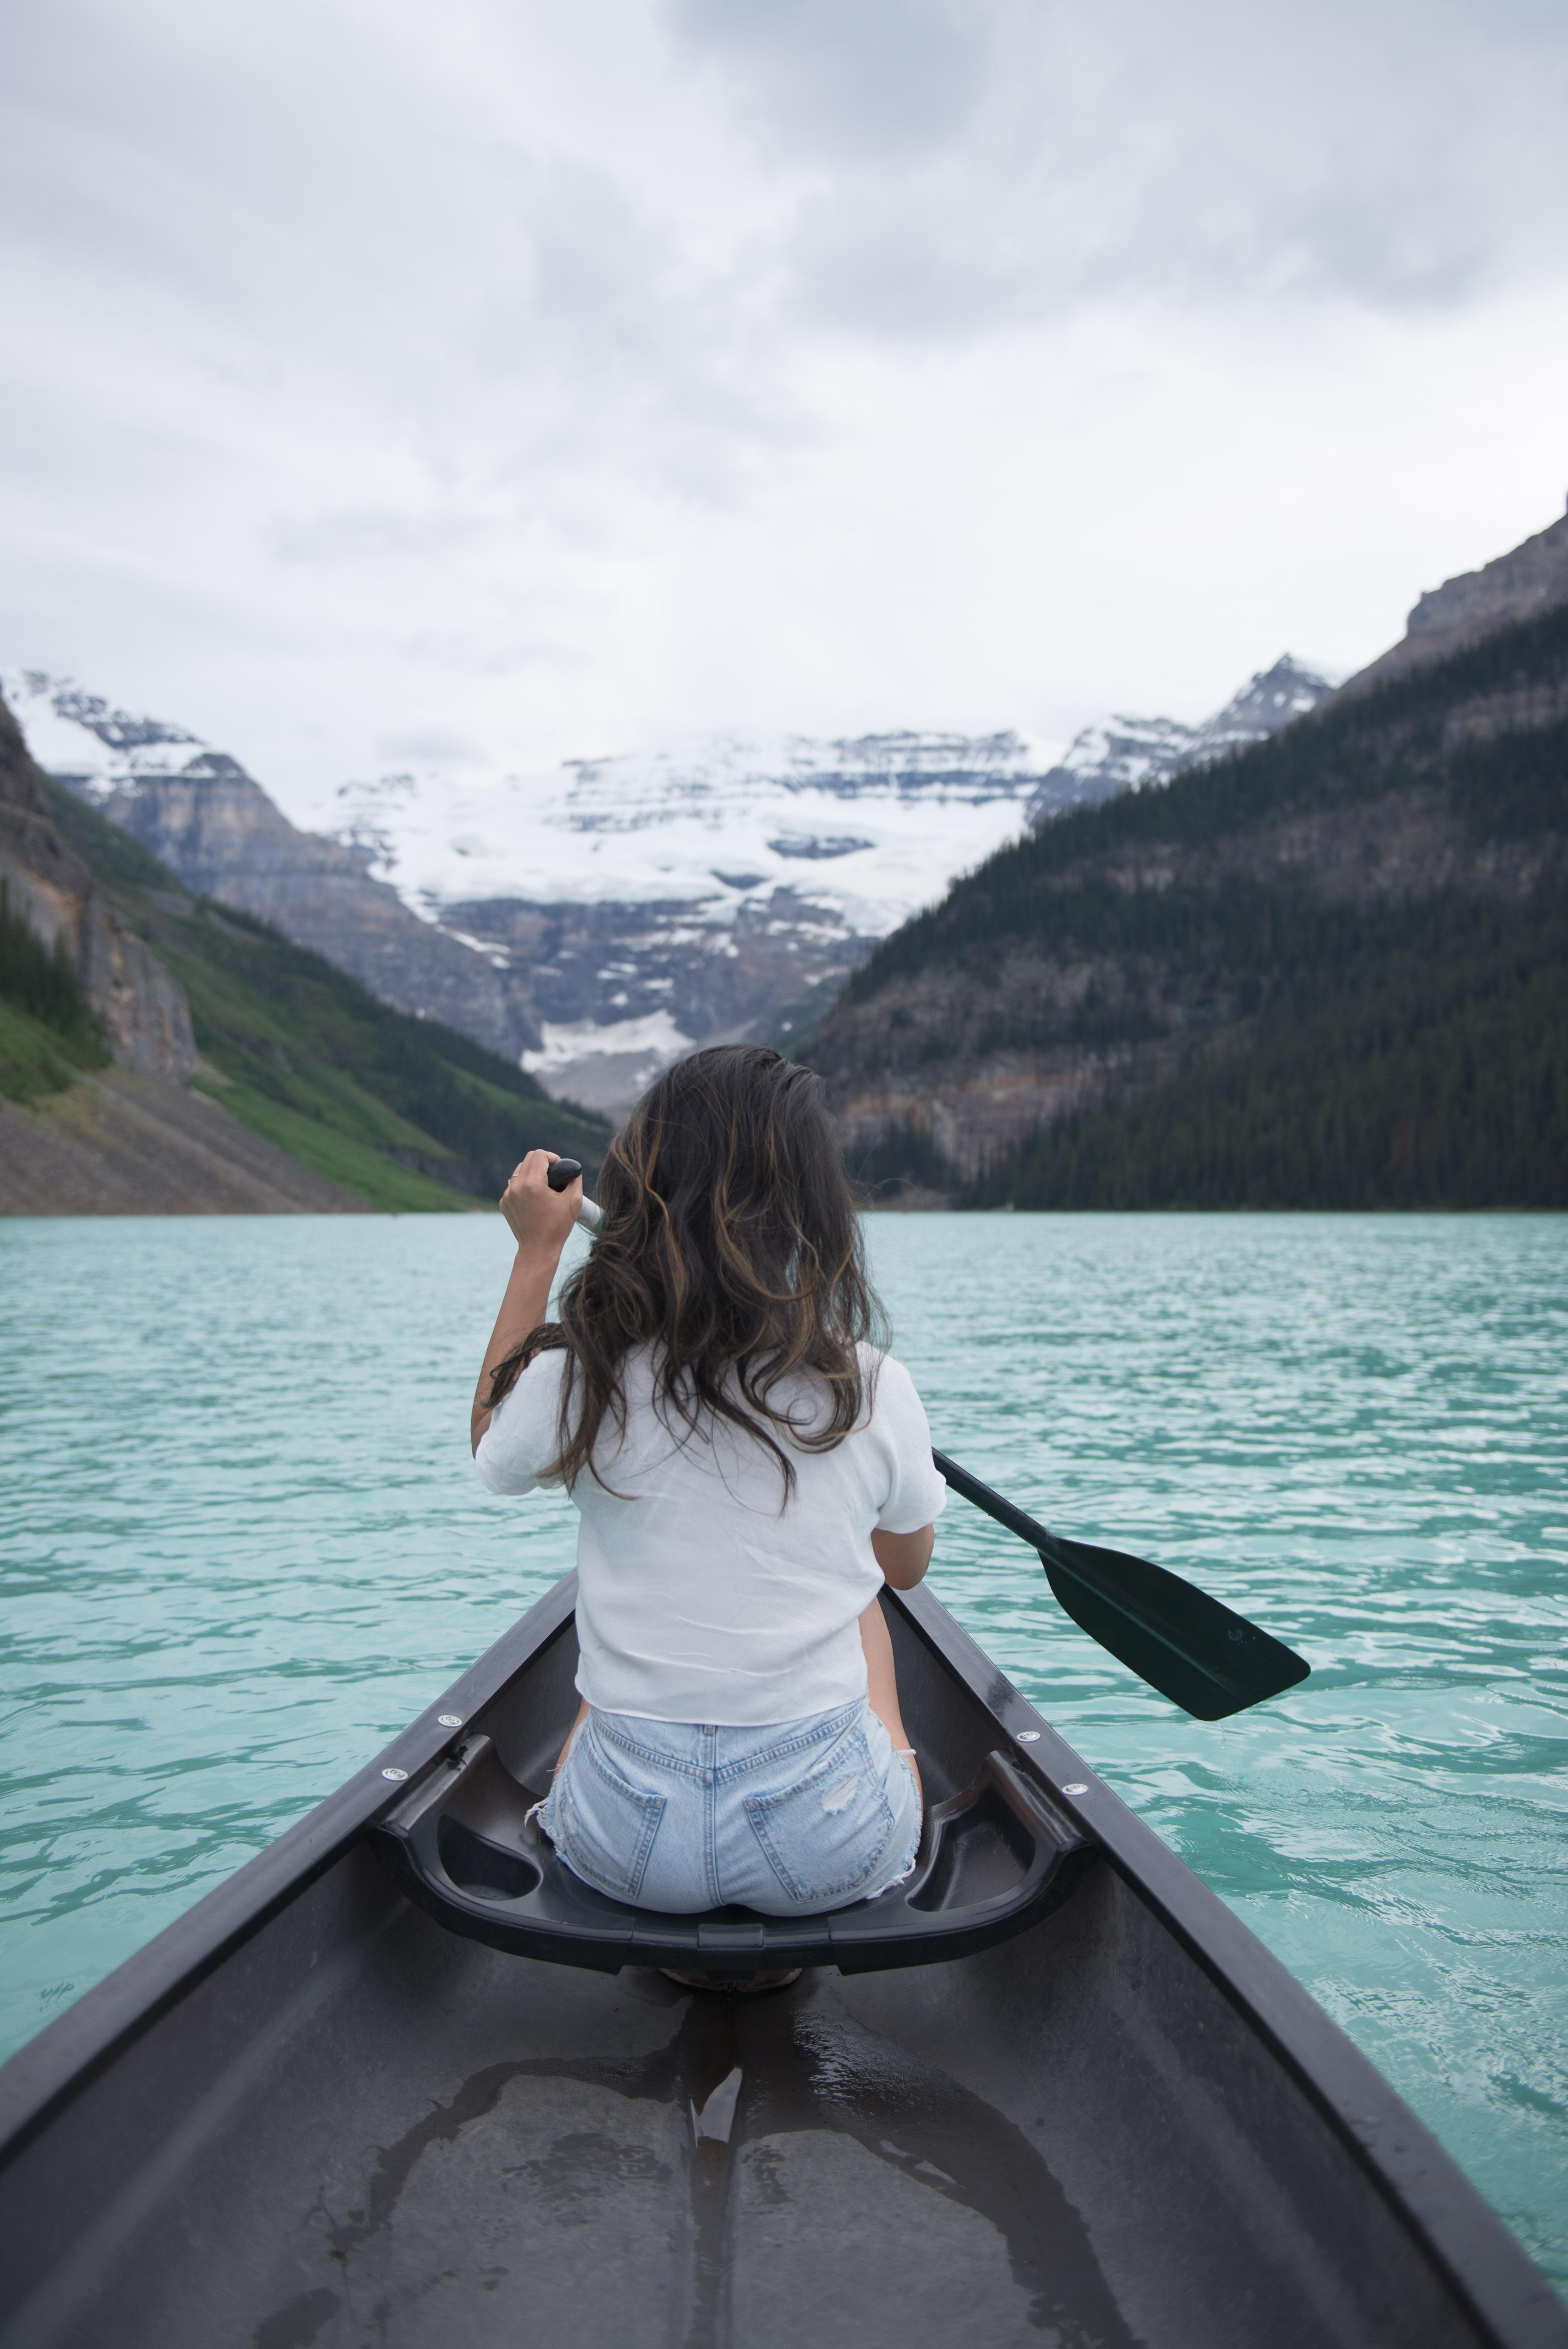 Summer Road Trip to Banff, Alberta - Canoeing Lake Louise